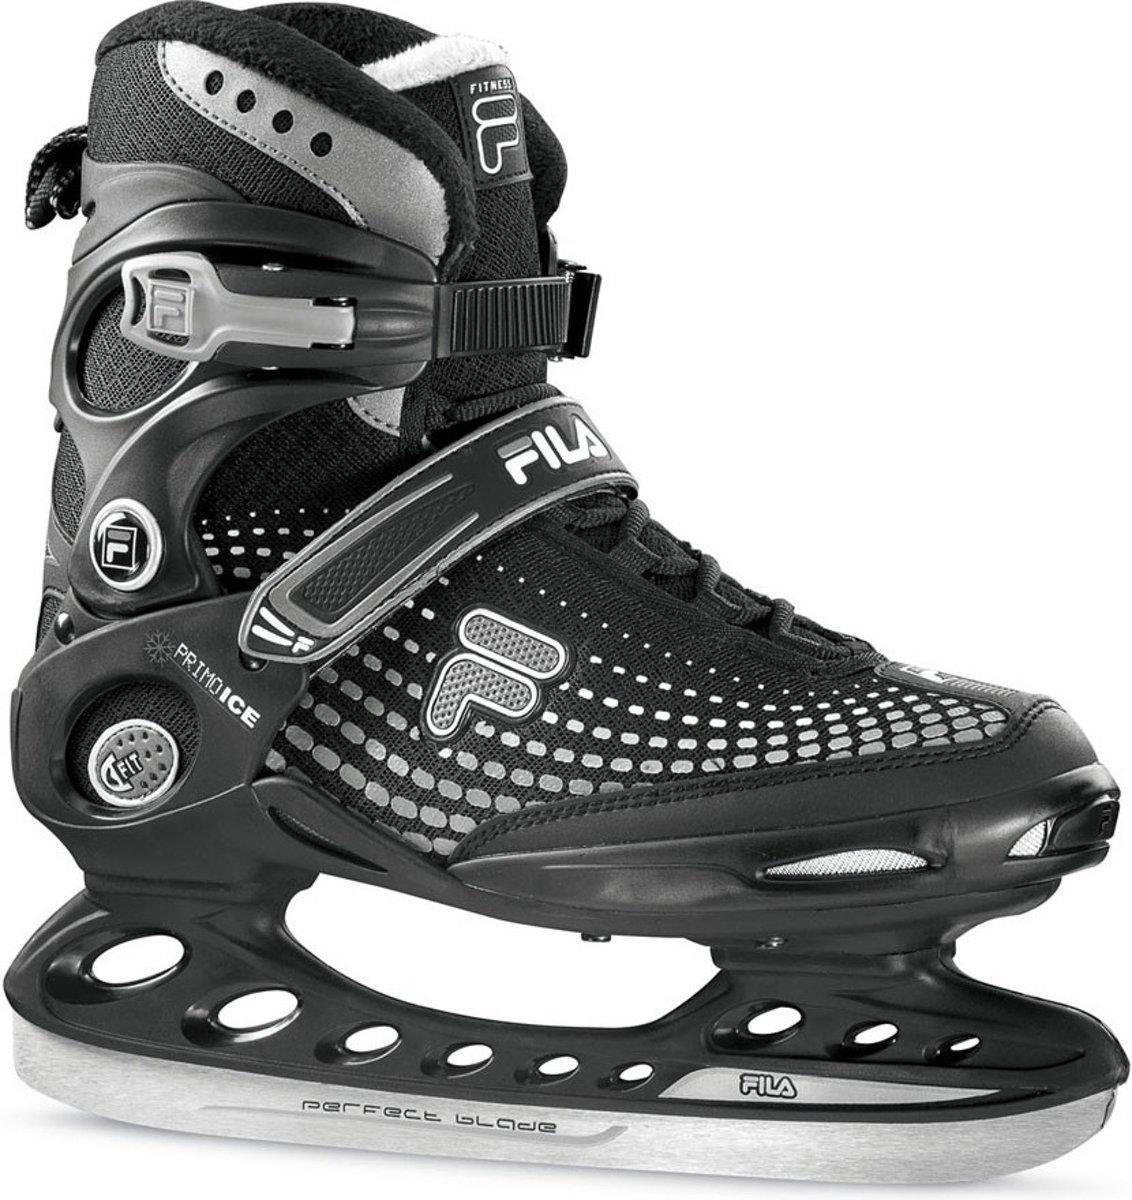 Fila Ijshockeyschaatsen Primo Ice Spot Heren Zwart Maat 39